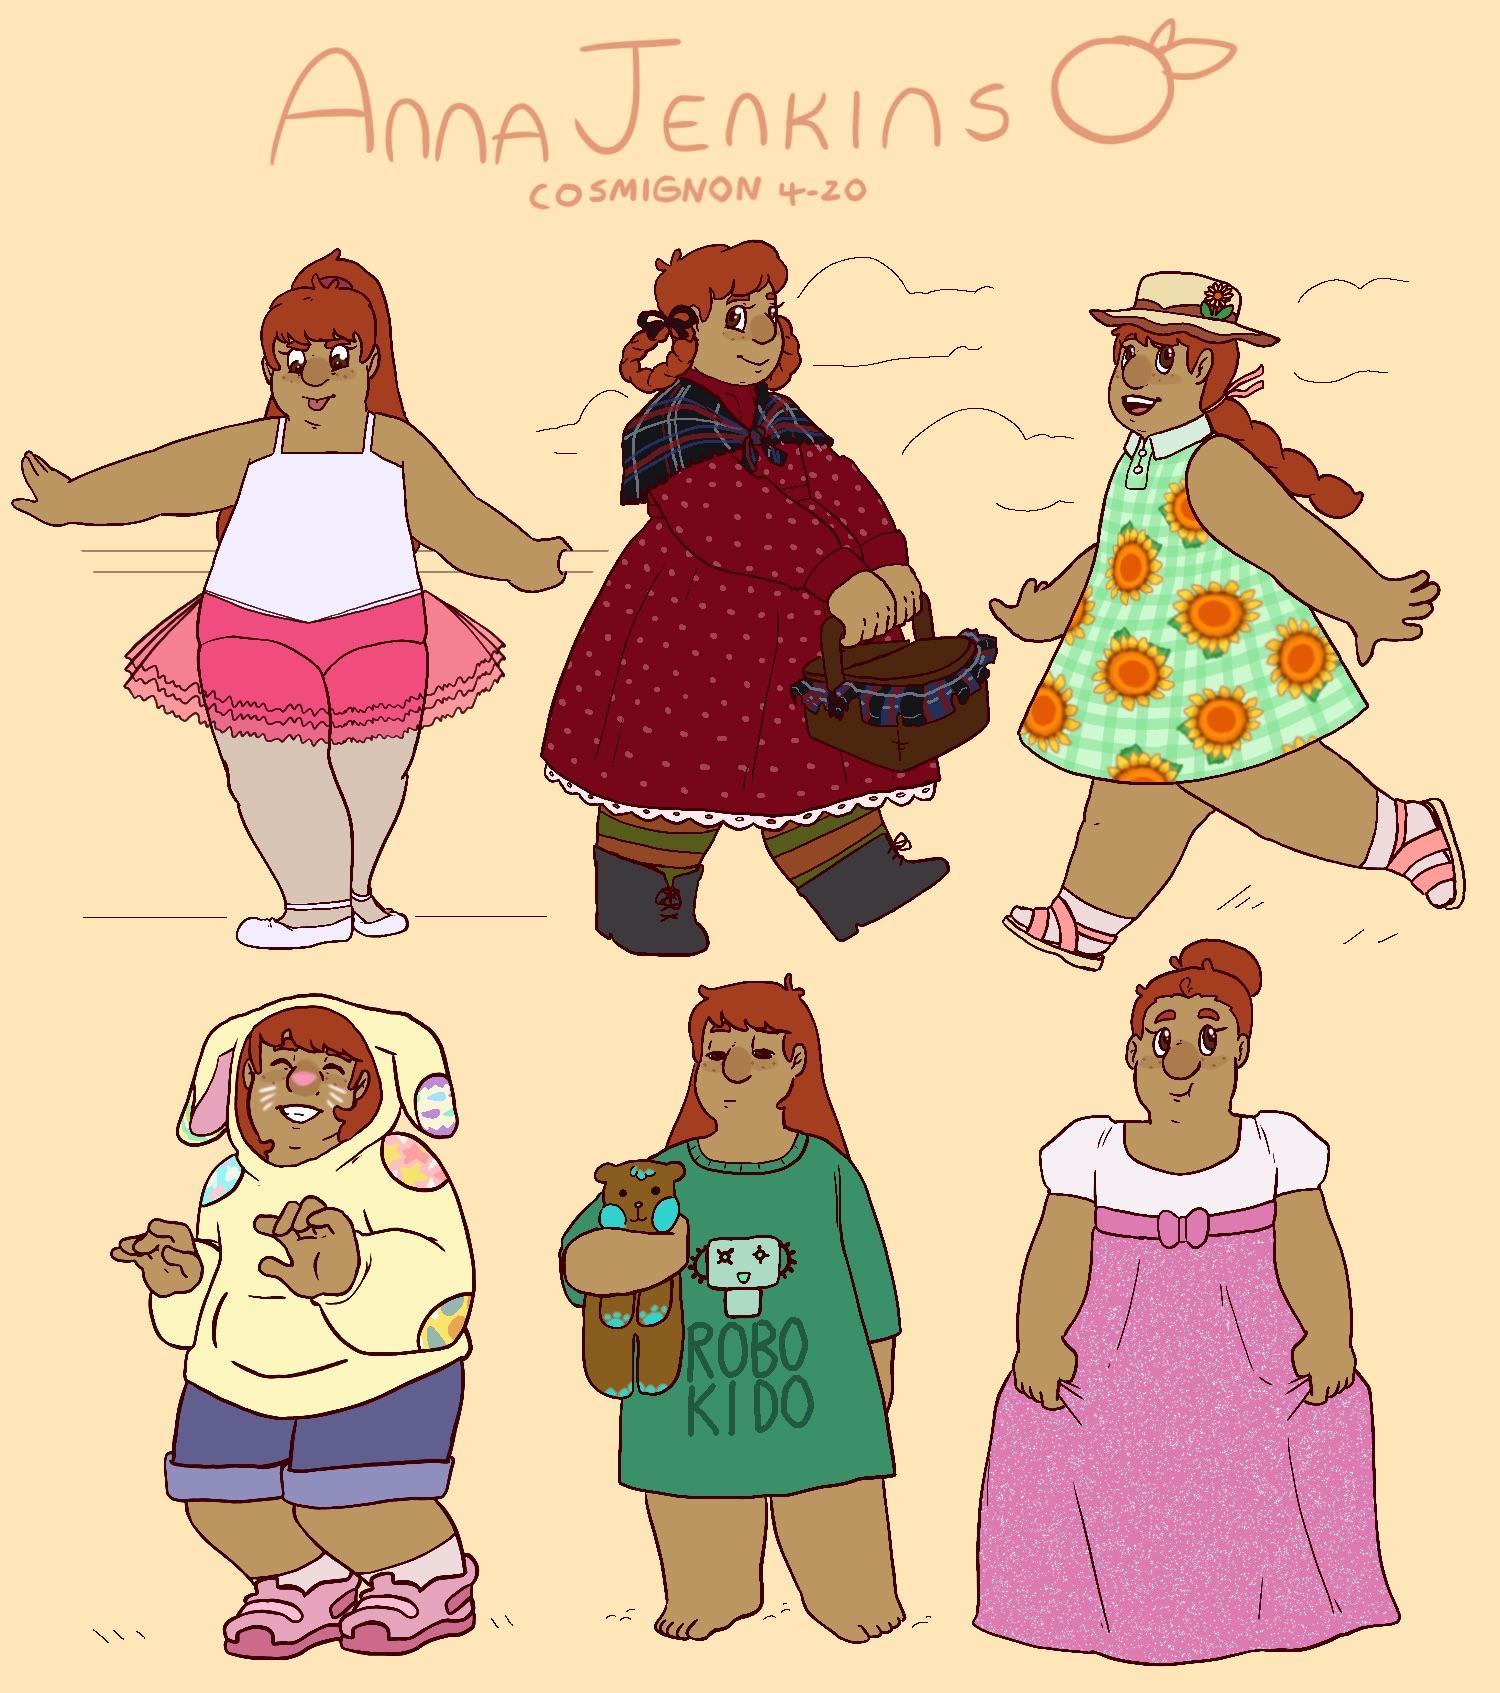 Anna Jenkins